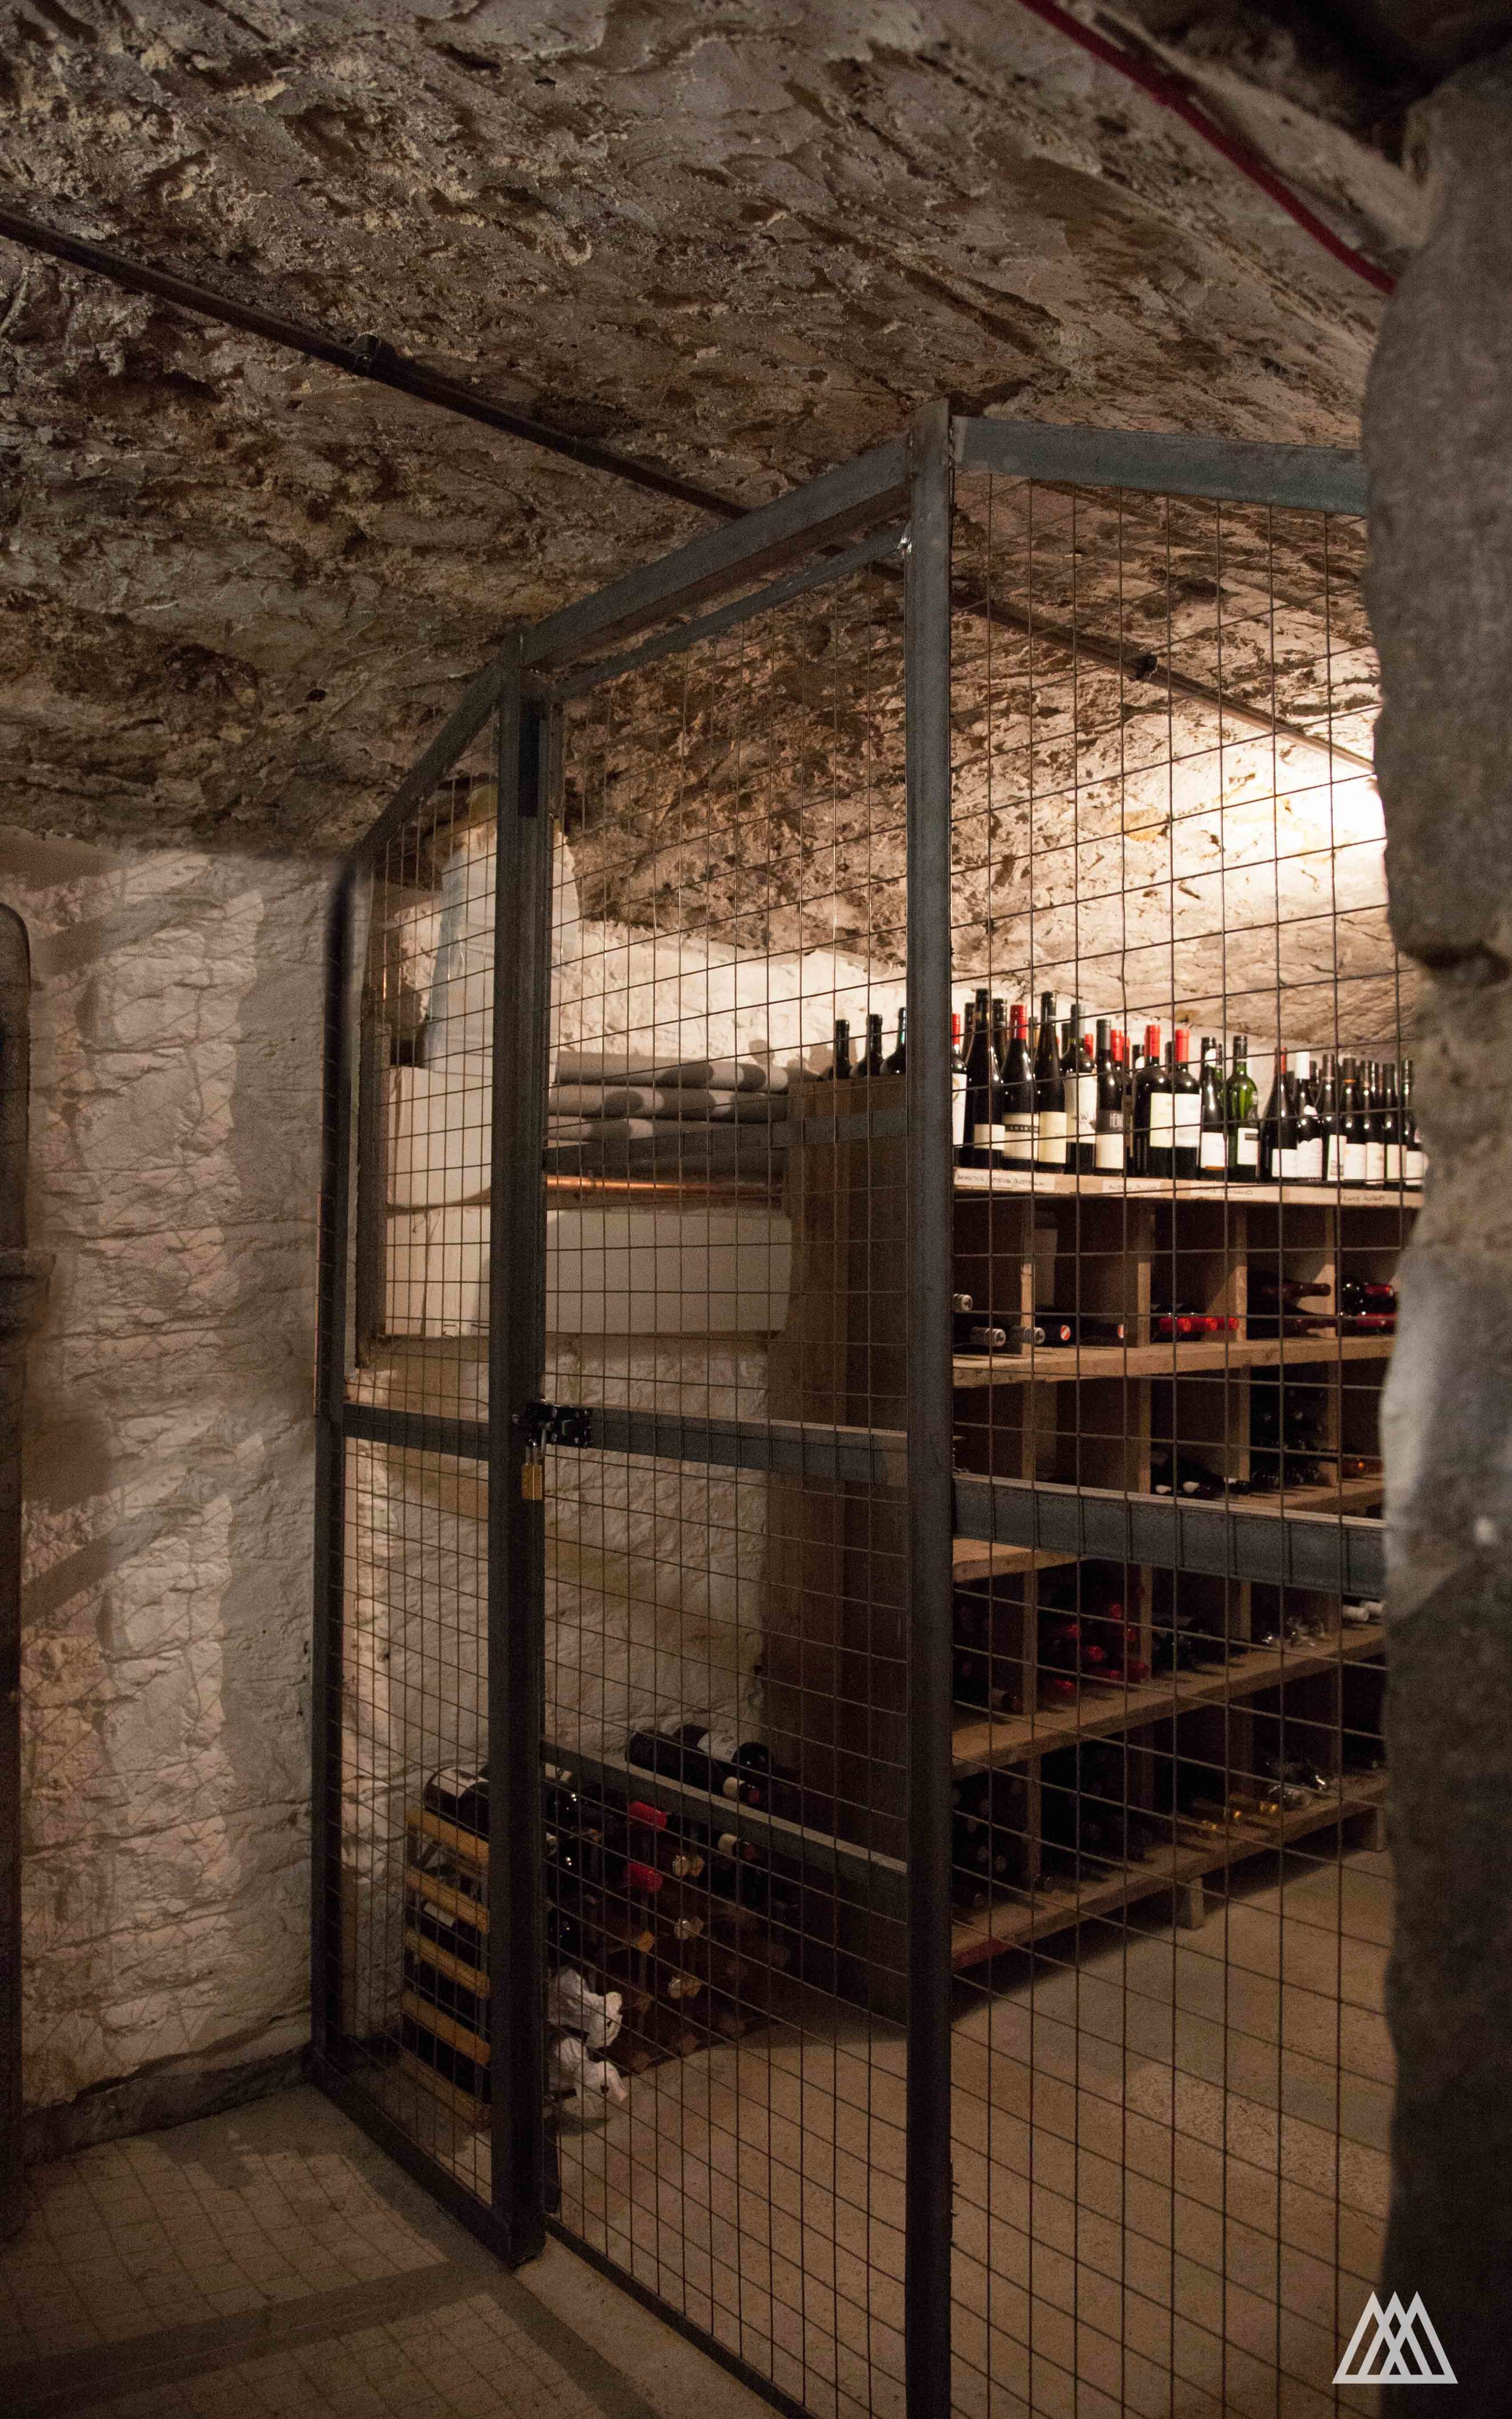 Smith & Gertrude wine bar